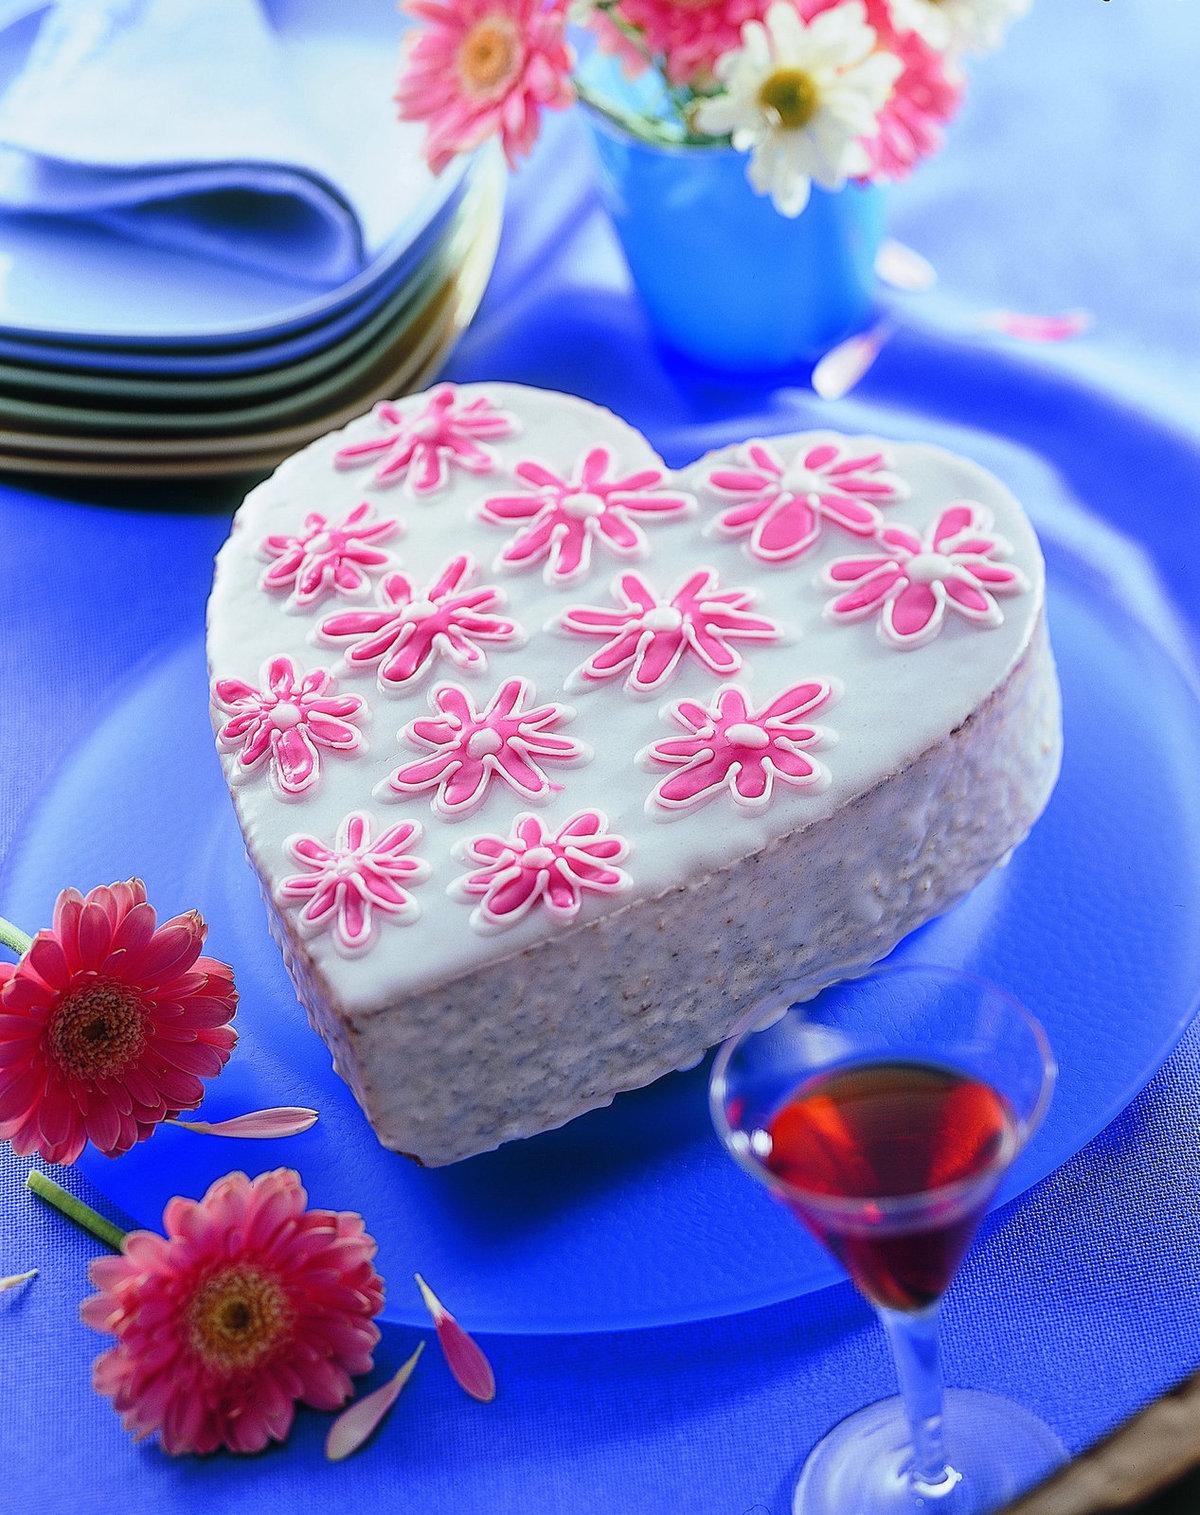 День св. Валентина. Как его празднуют в Чехии